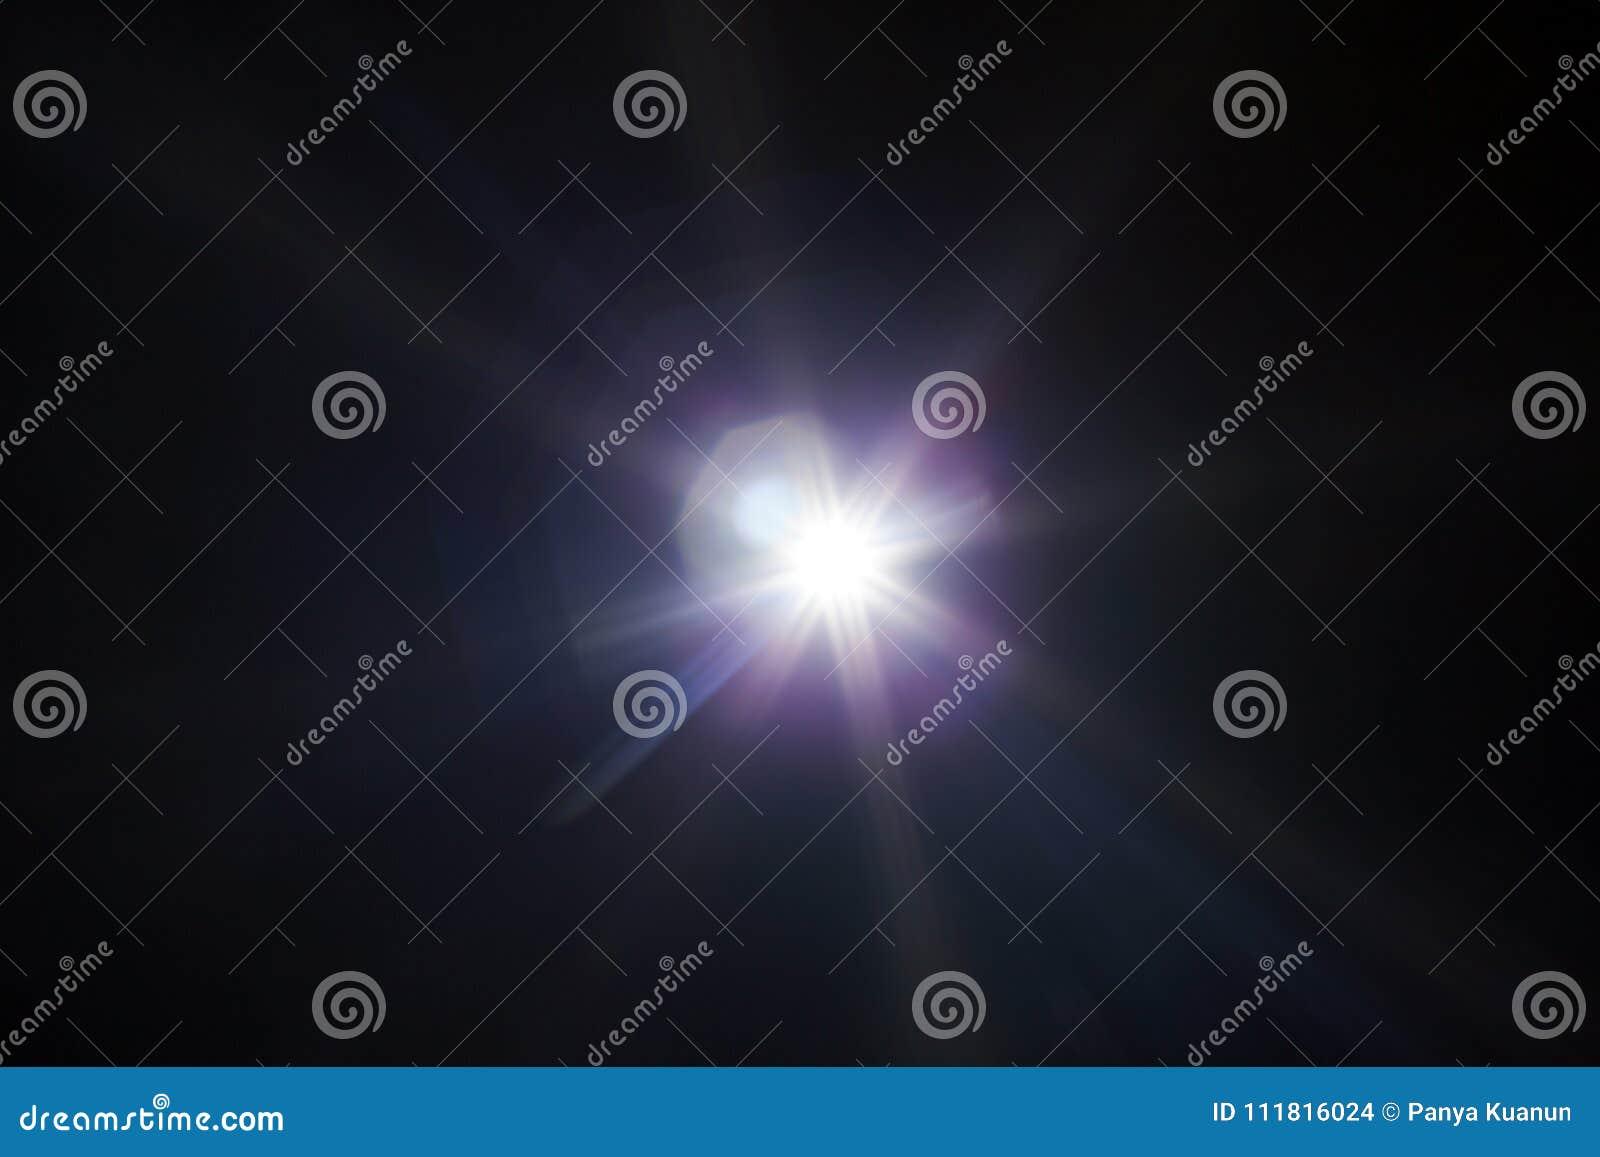 Wit licht gloed speciaal effect in donkere zwarte